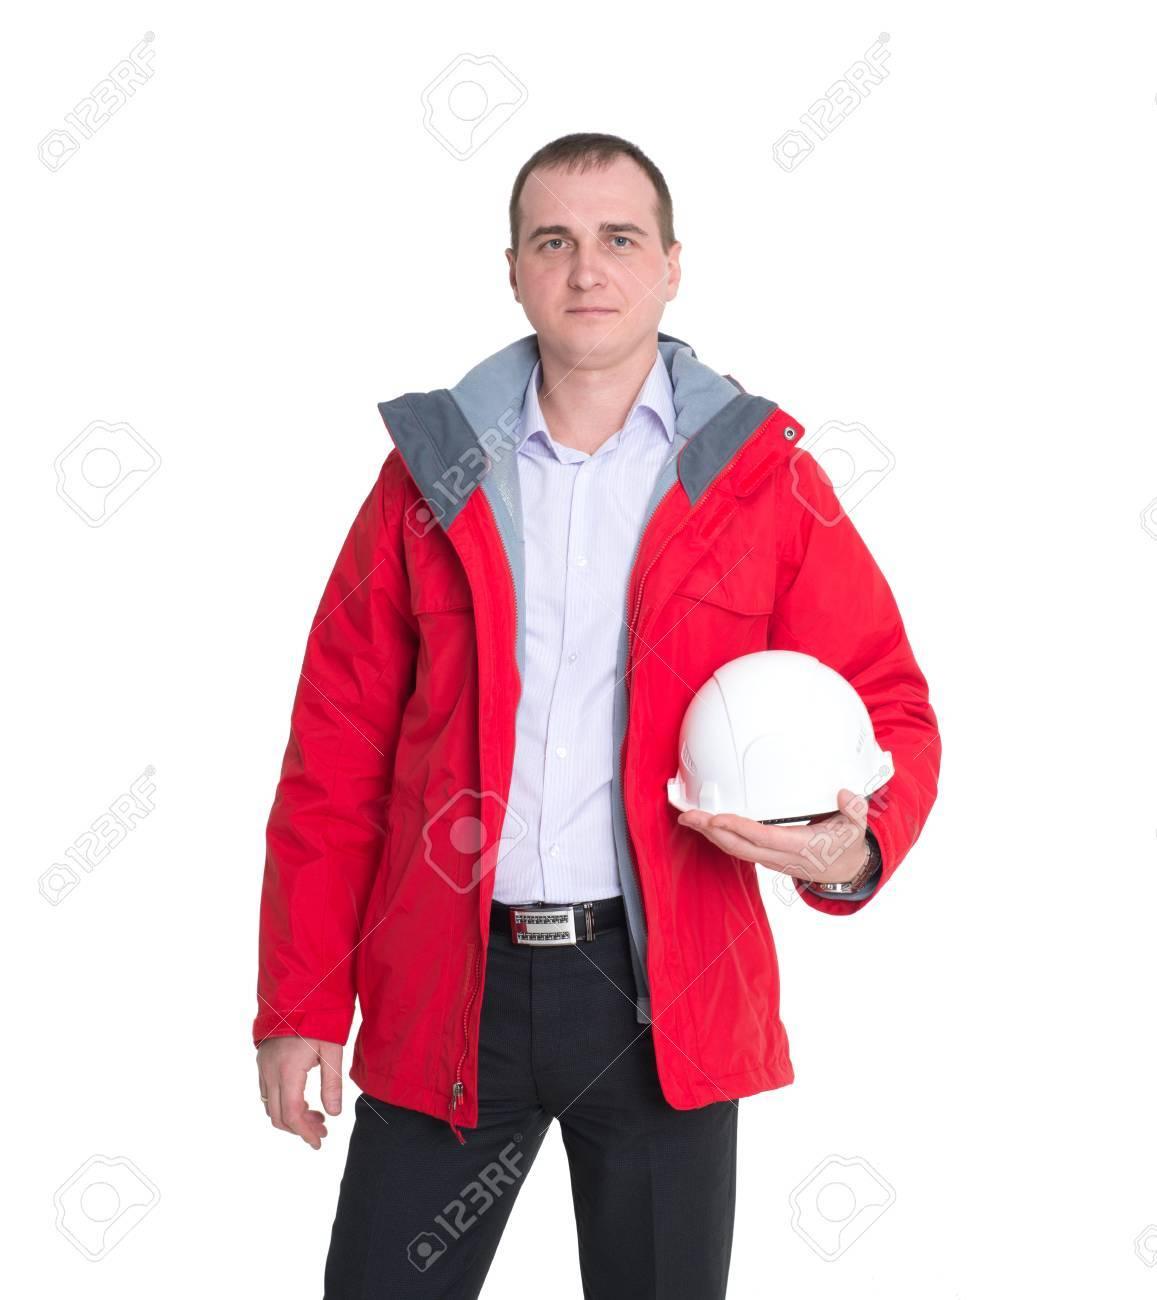 new concept b9677 9b077 L'uomo è operaio edile in una giacca rossa e una costruzione casco  protettivo isolato su sfondo bianco